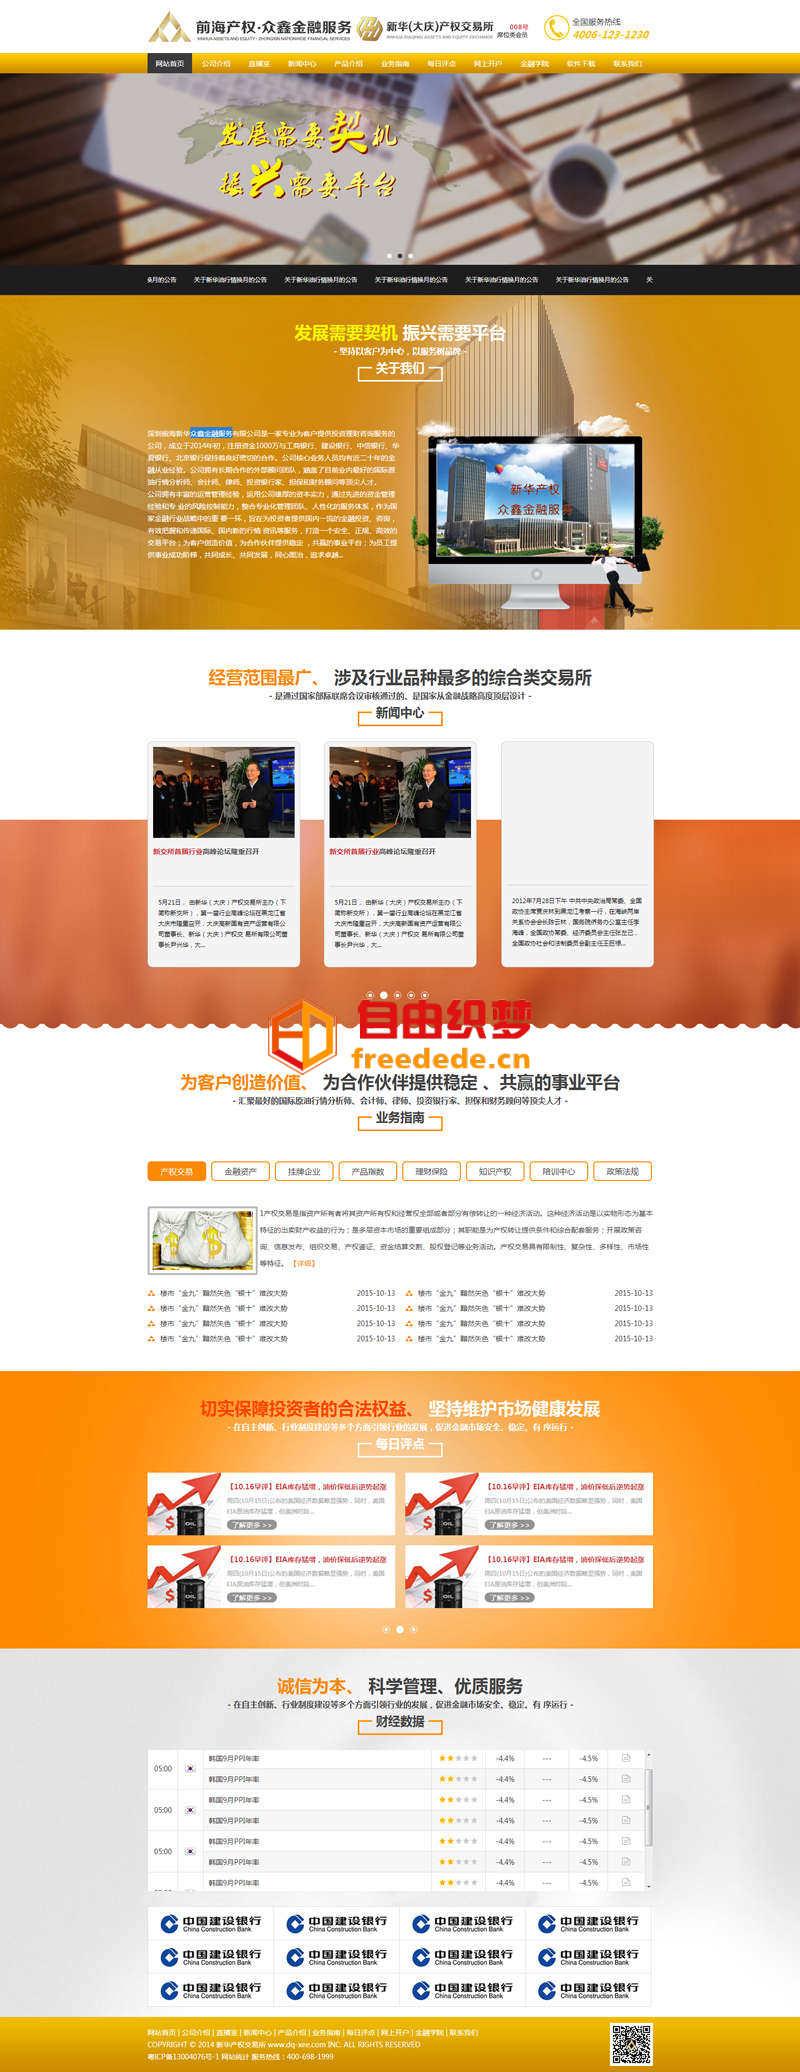 爱上源码网文章土豪金响应式金融服务网站整站模板的内容插图